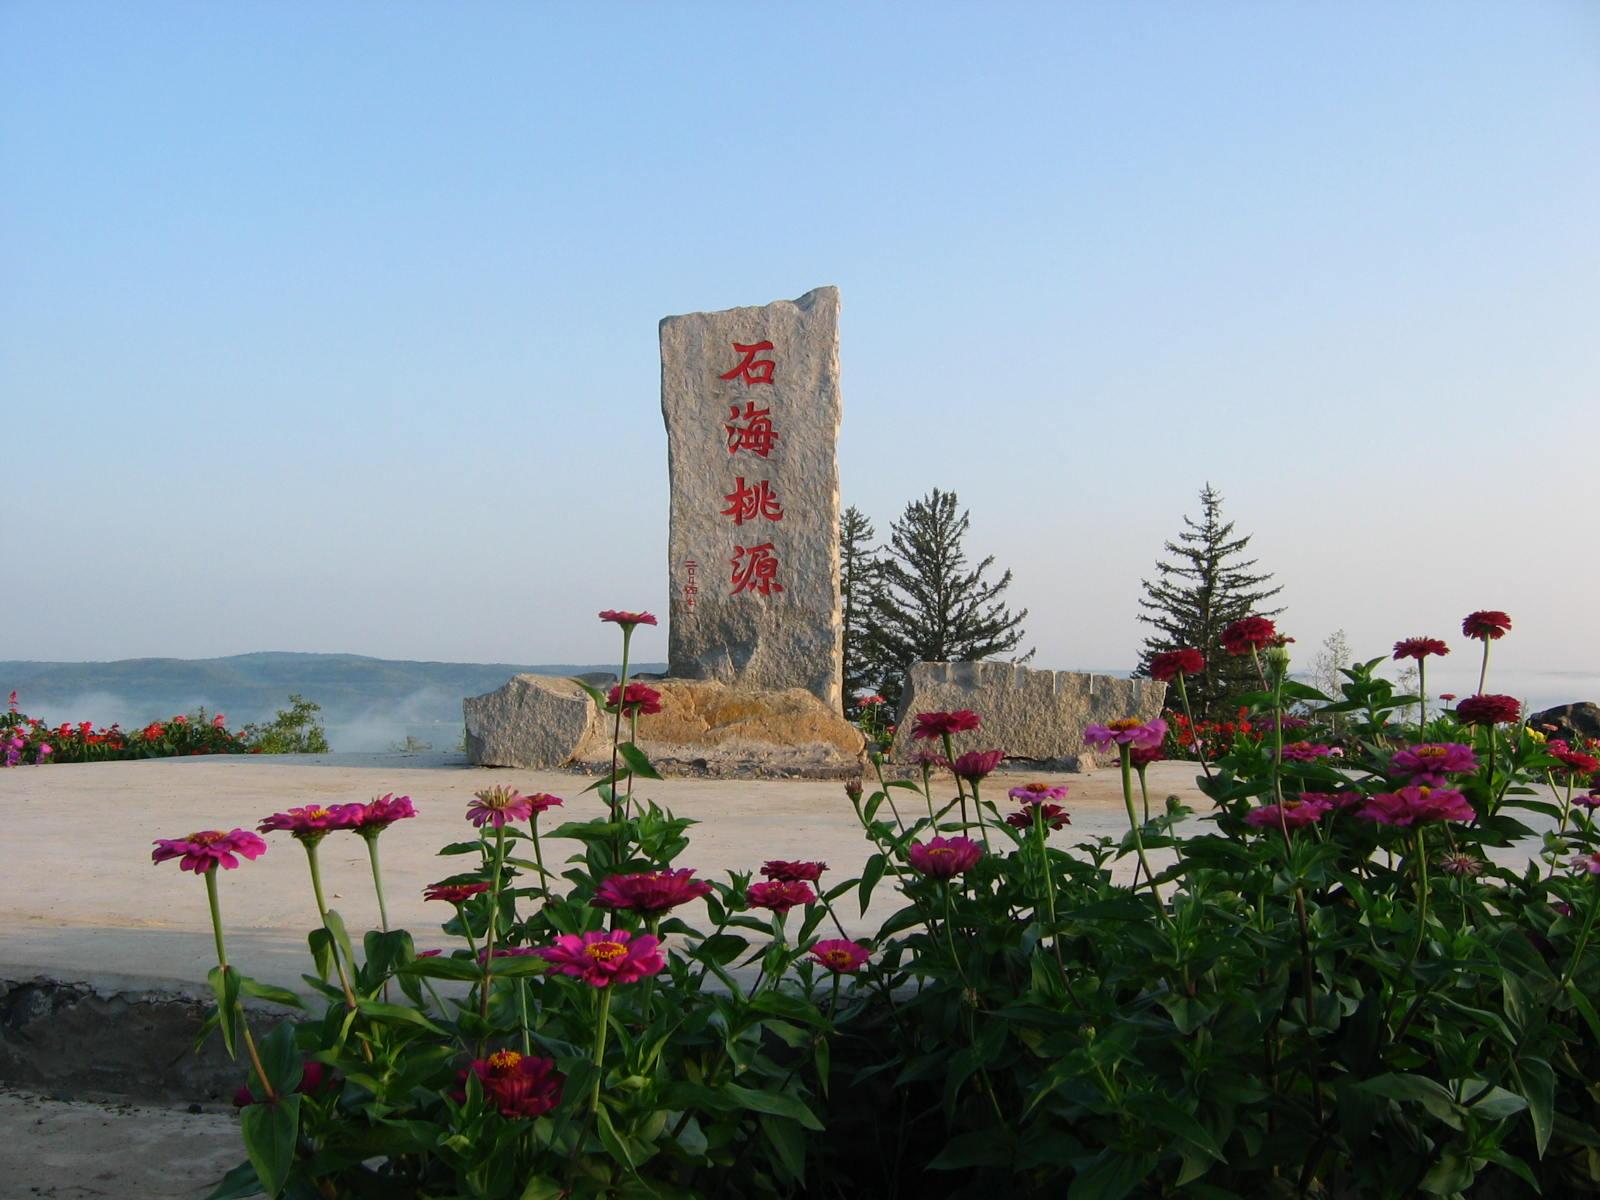 黑龙江农垦逊克农场石景山庄